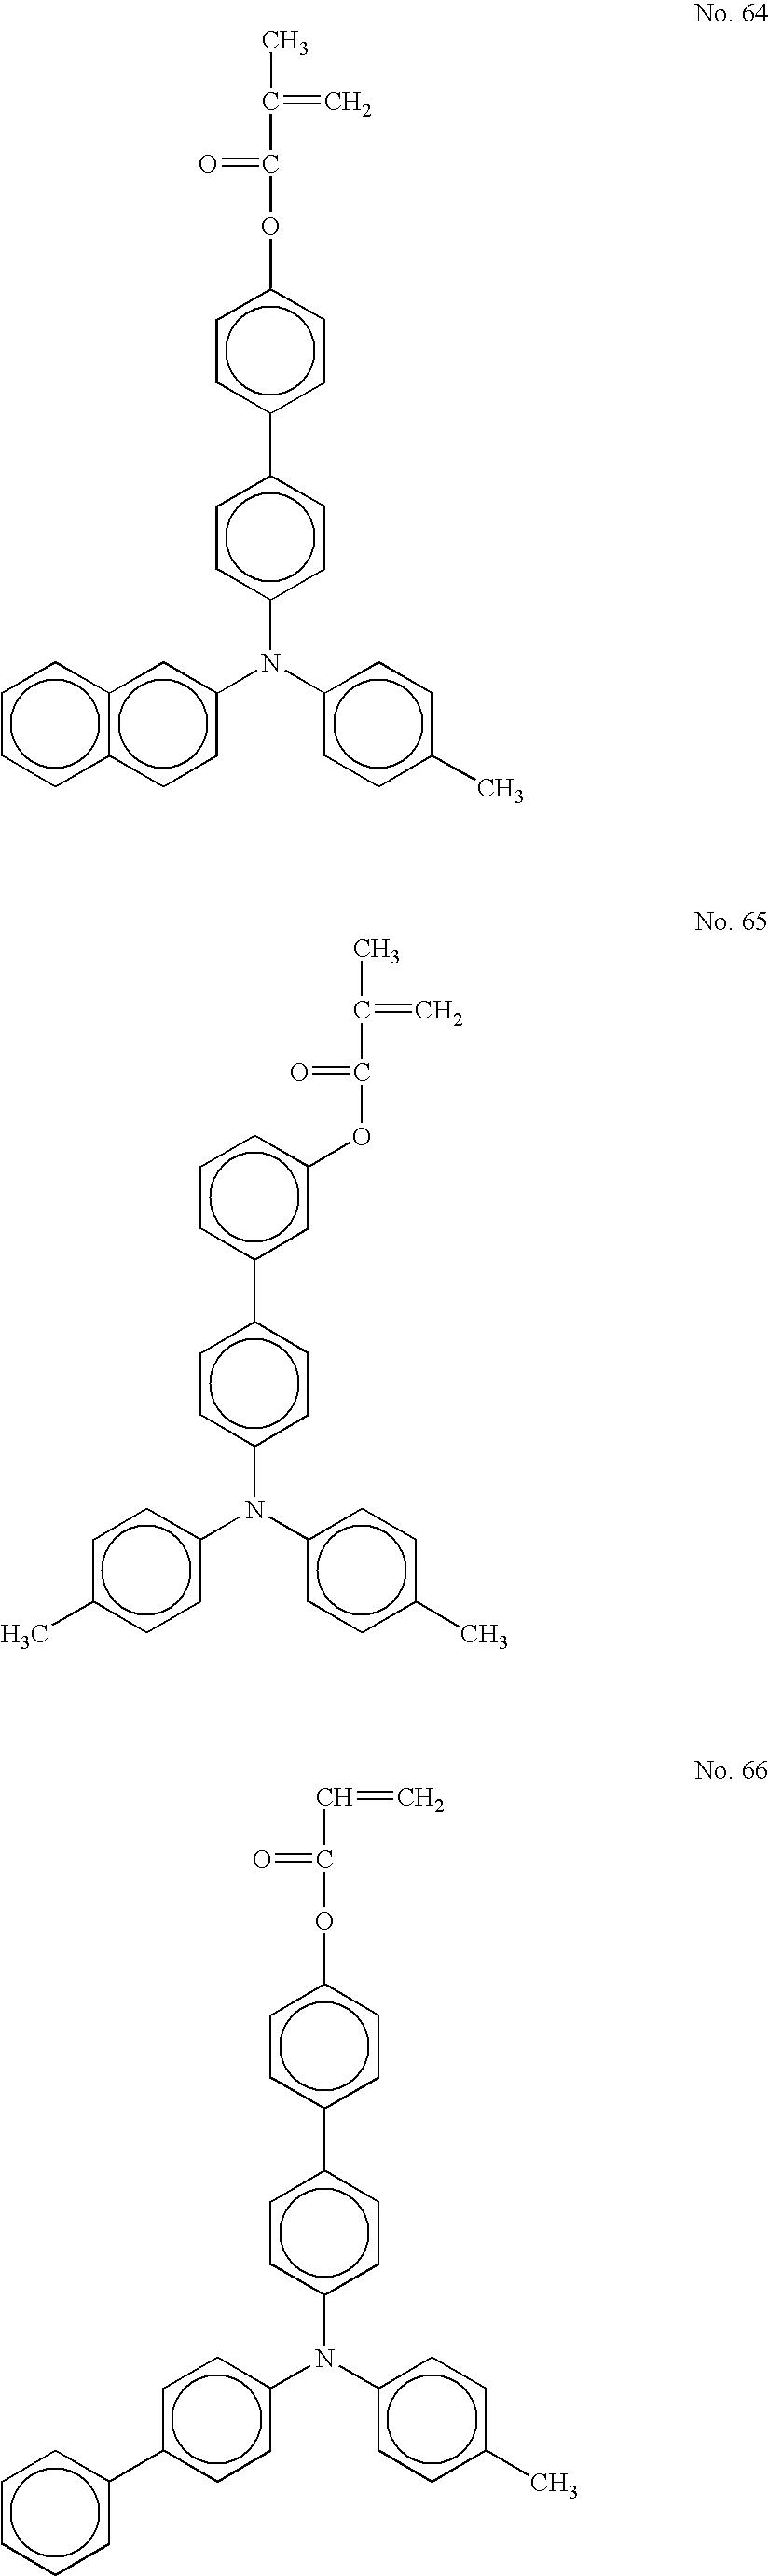 Figure US07175957-20070213-C00033